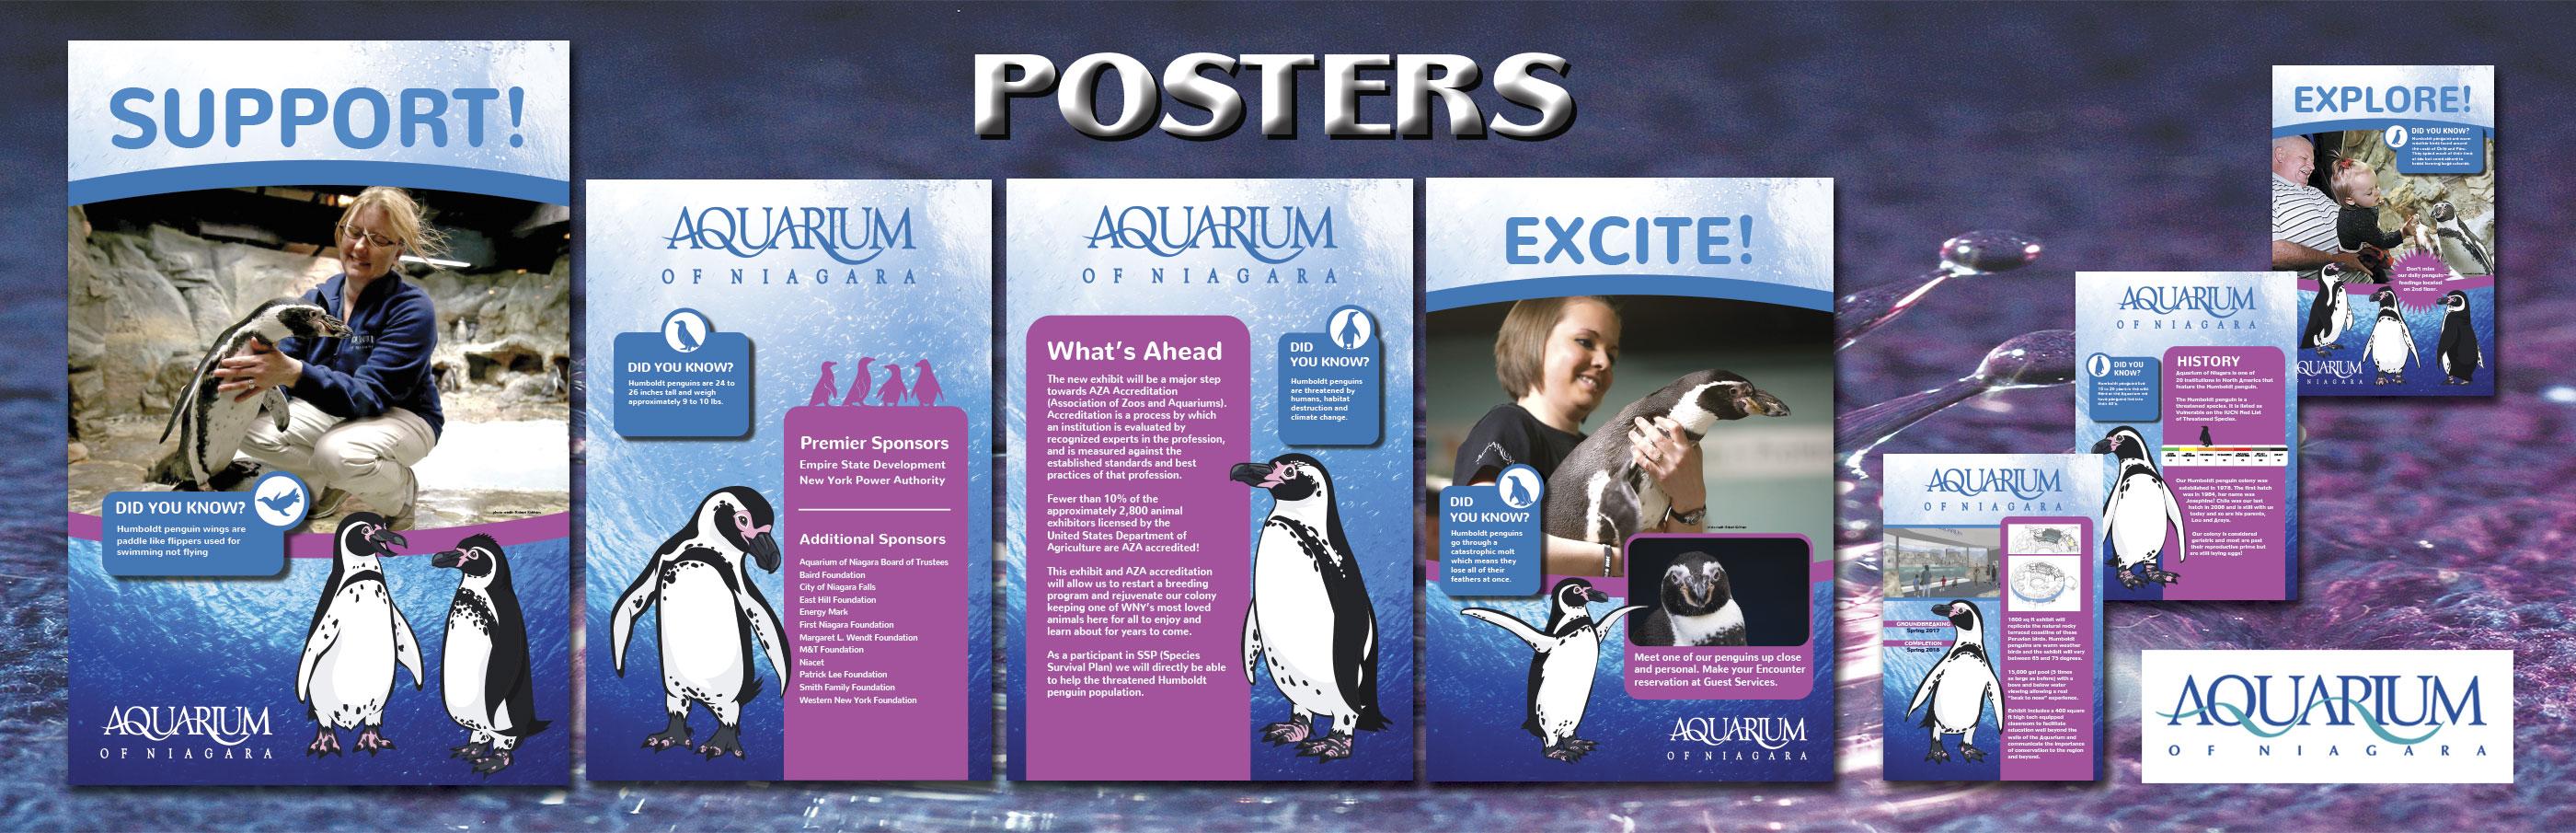 Aquarium-Posters